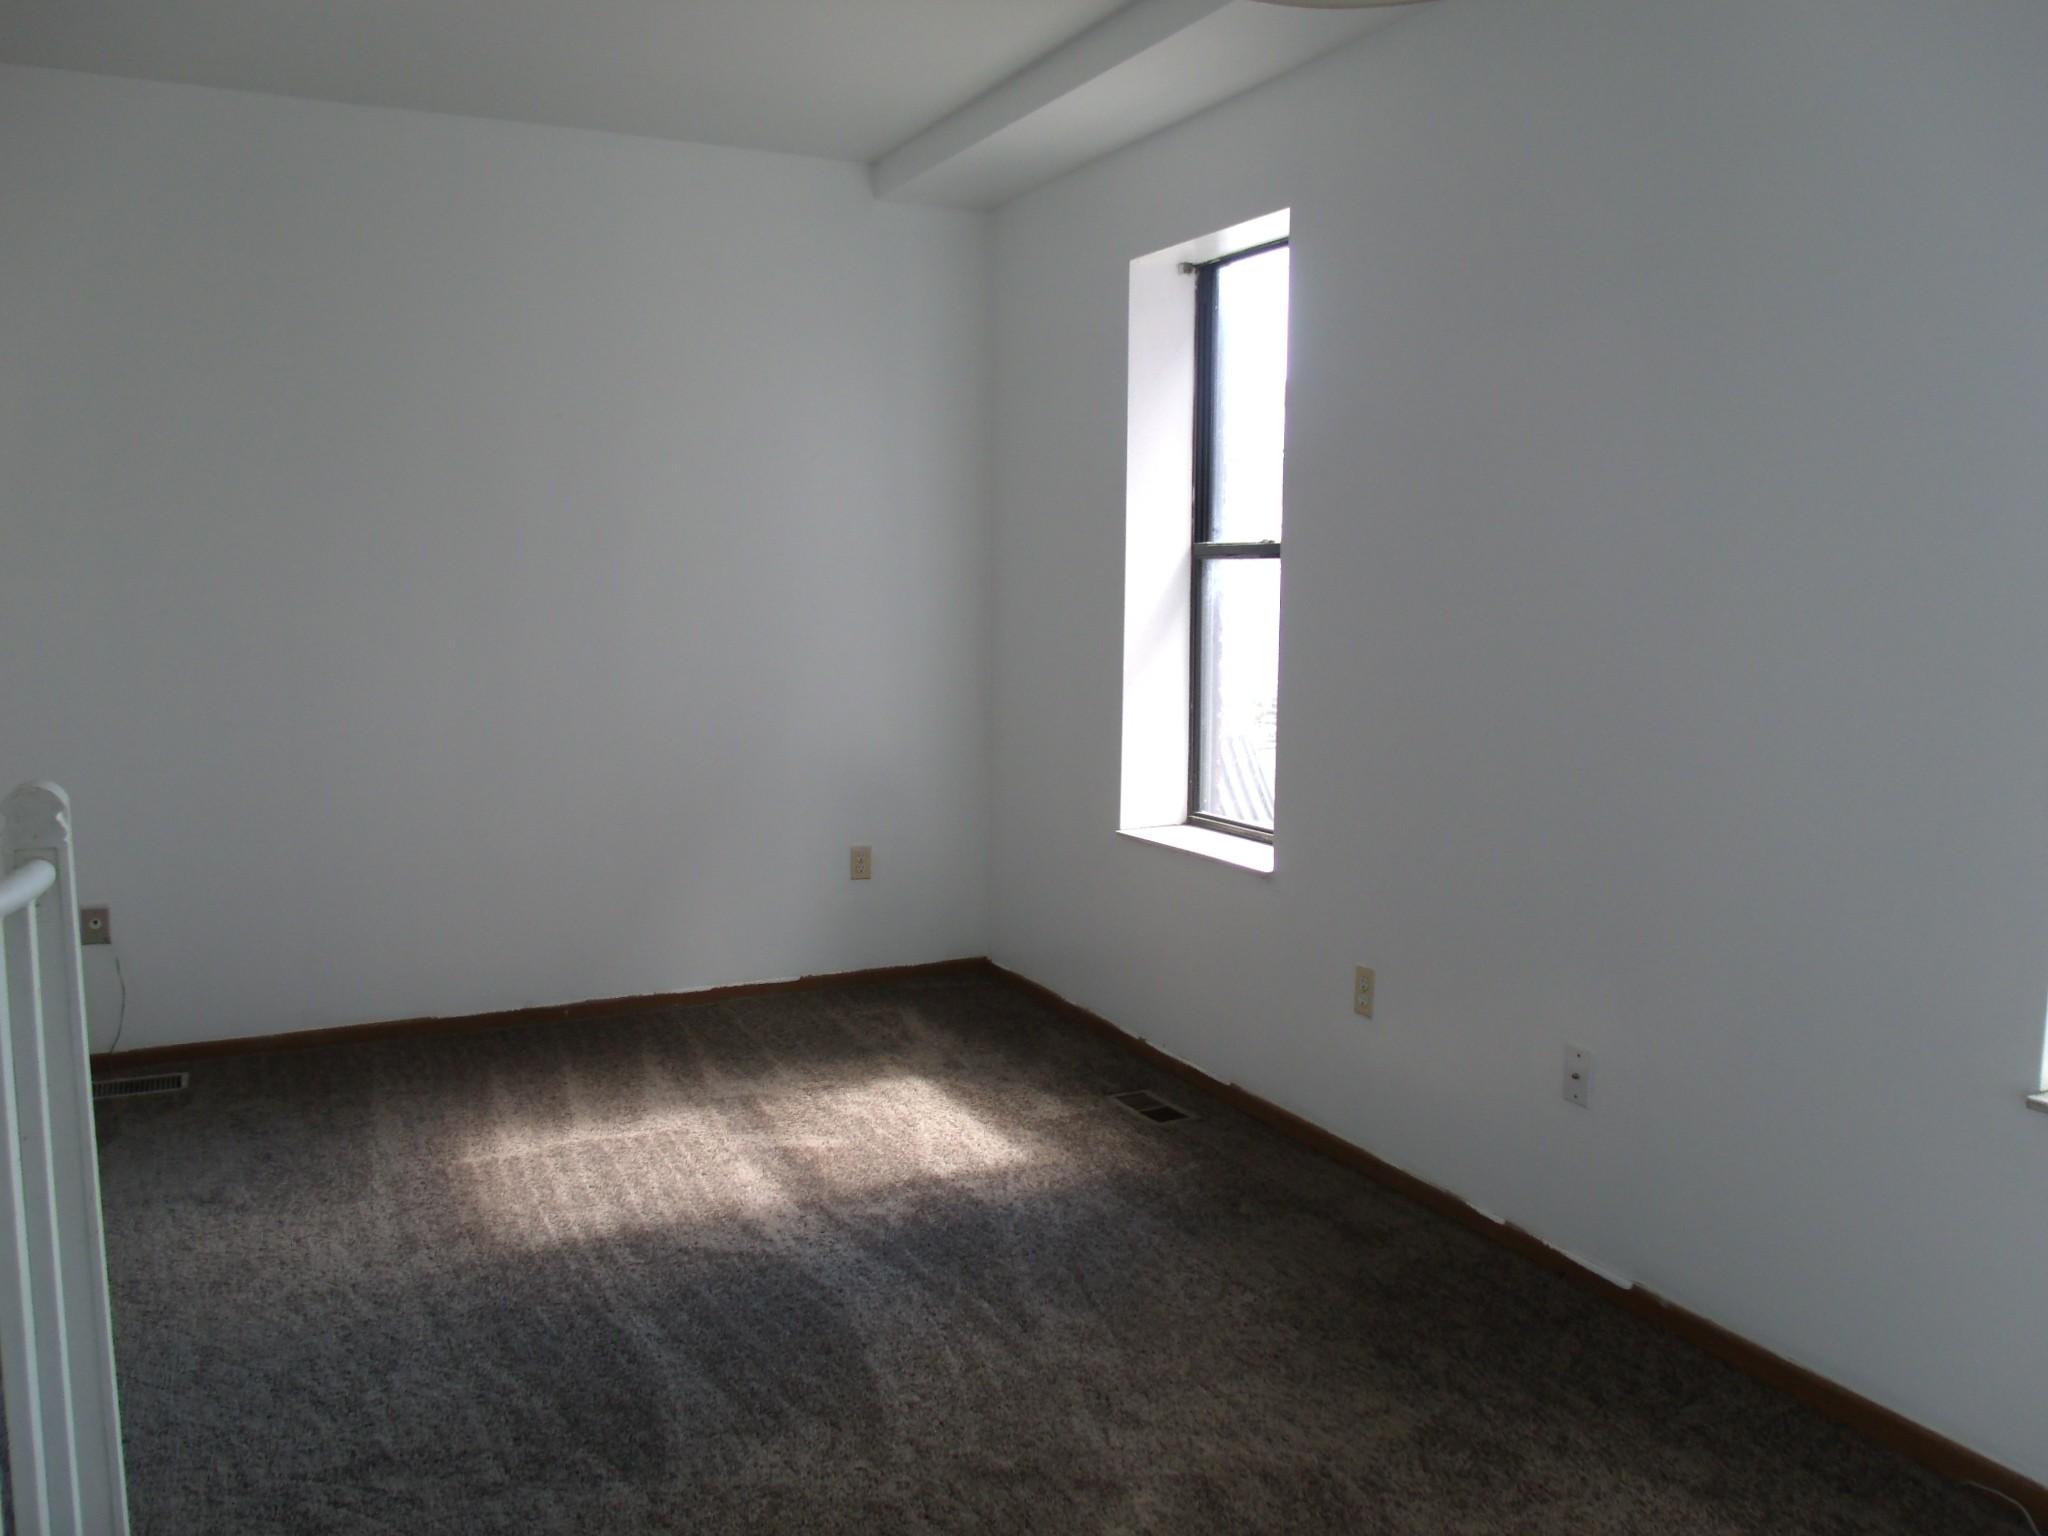 590 Parkview Dr 204 Detroit Mi 48214 2 Bedroom Apartment For Rent Padmapper